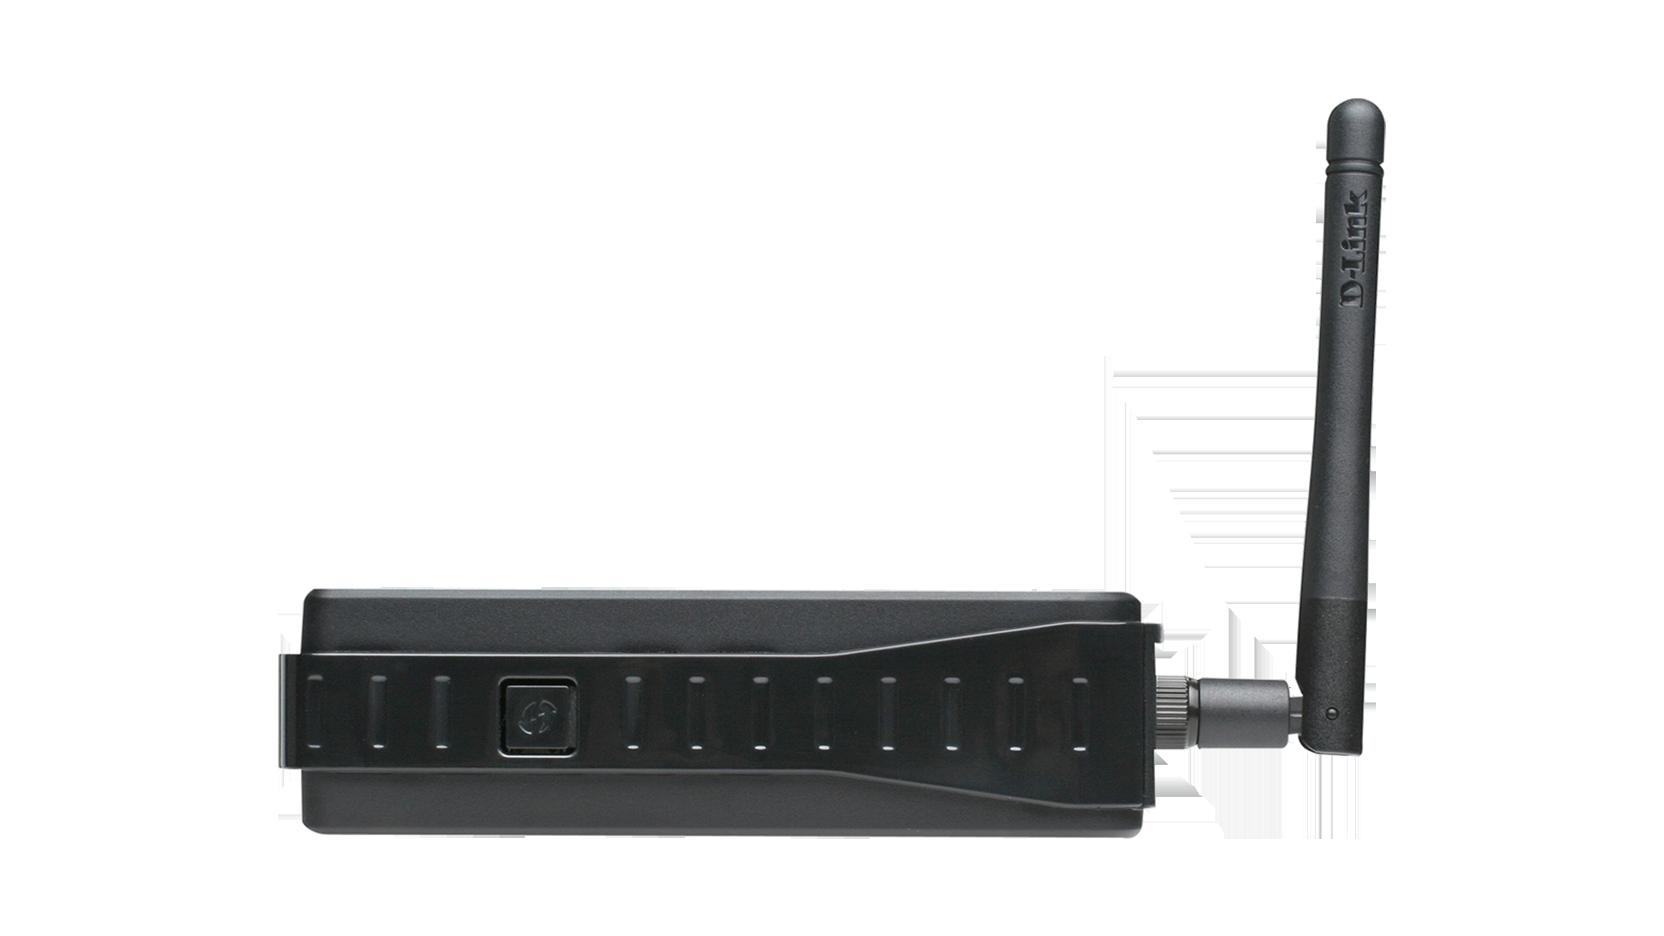 DIR-600 Wireless N 150 Home Router | D-Link Deutschland